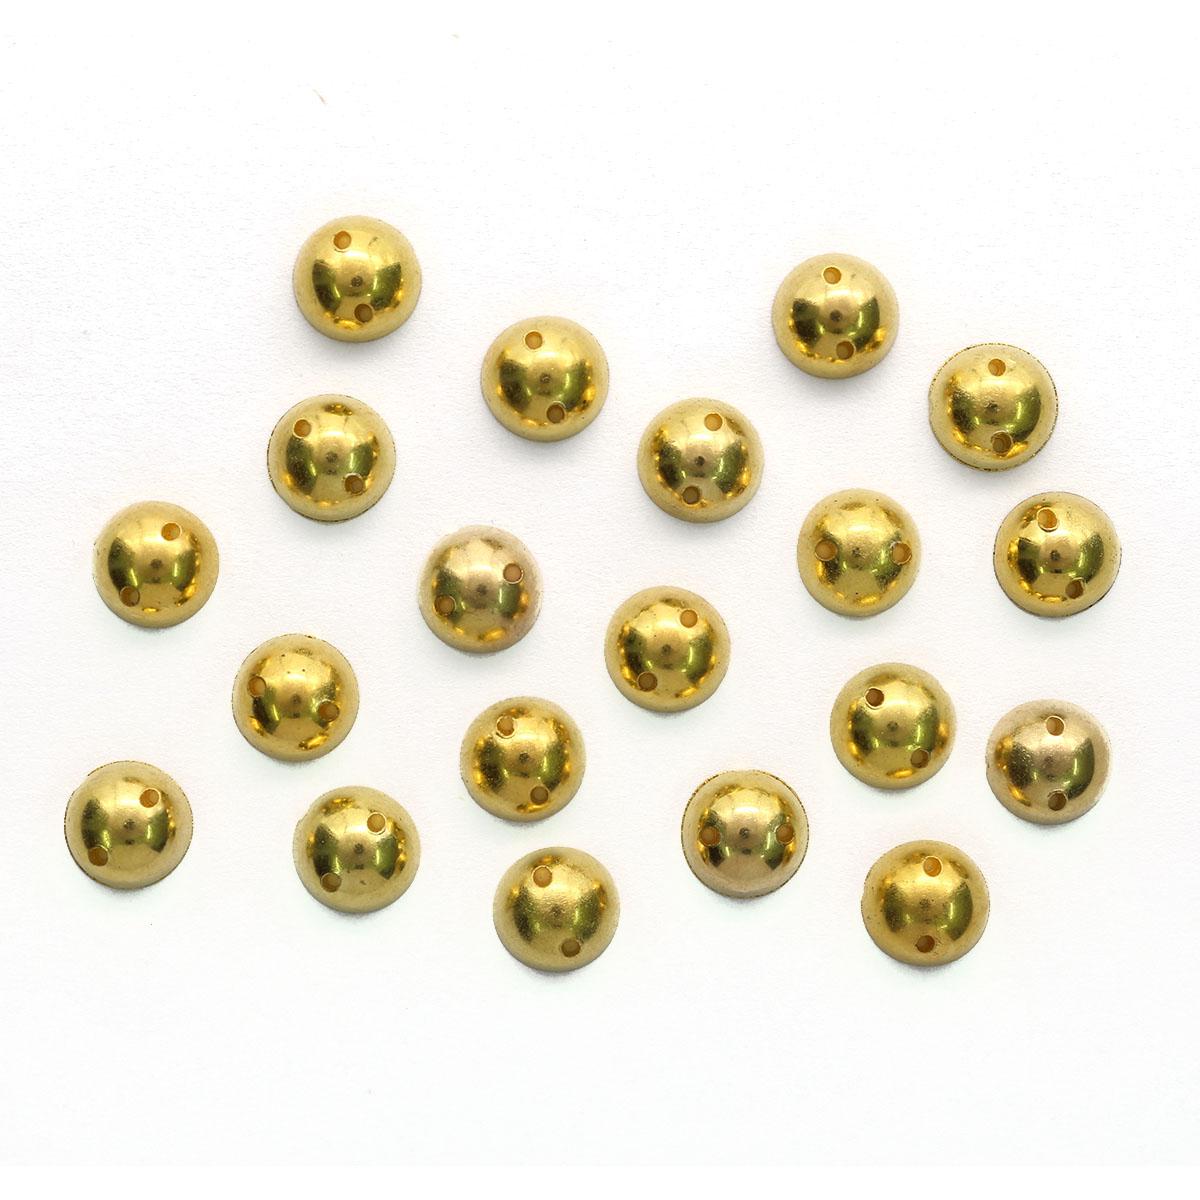 GACR-Q055-G Стразы акриловые,круглые золото 8мм, 20шт/упак